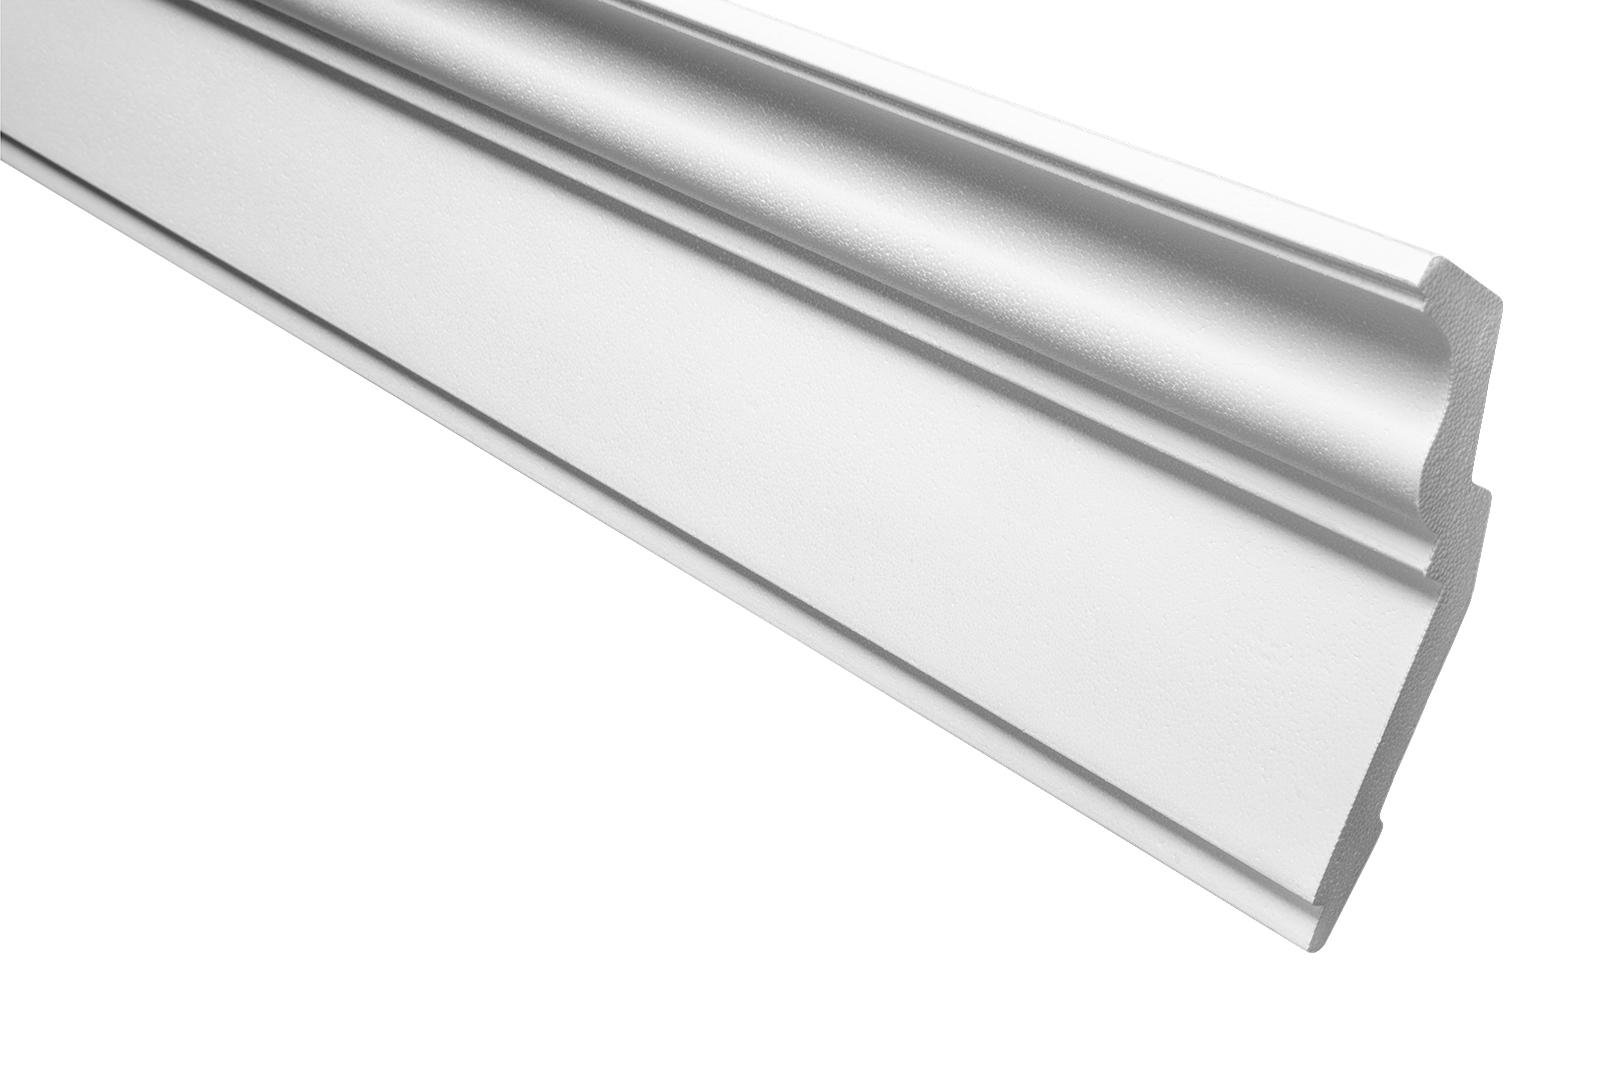 E-18 stabil Styropor Flachleiste 18x38mm 50 Meter dekorativ Stuckprofil XPS Decke wei/ß Zierleiste leicht